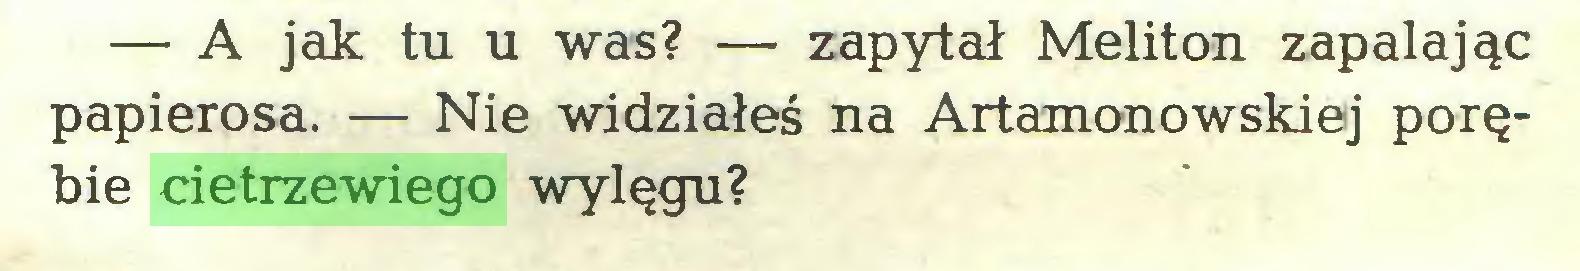 (...) — A jak tu u was? — zapytał Meliton zapalając papierosa. — Nie widziałeś na Artamonowskiej porębie cietrzewiego wylęgu?...